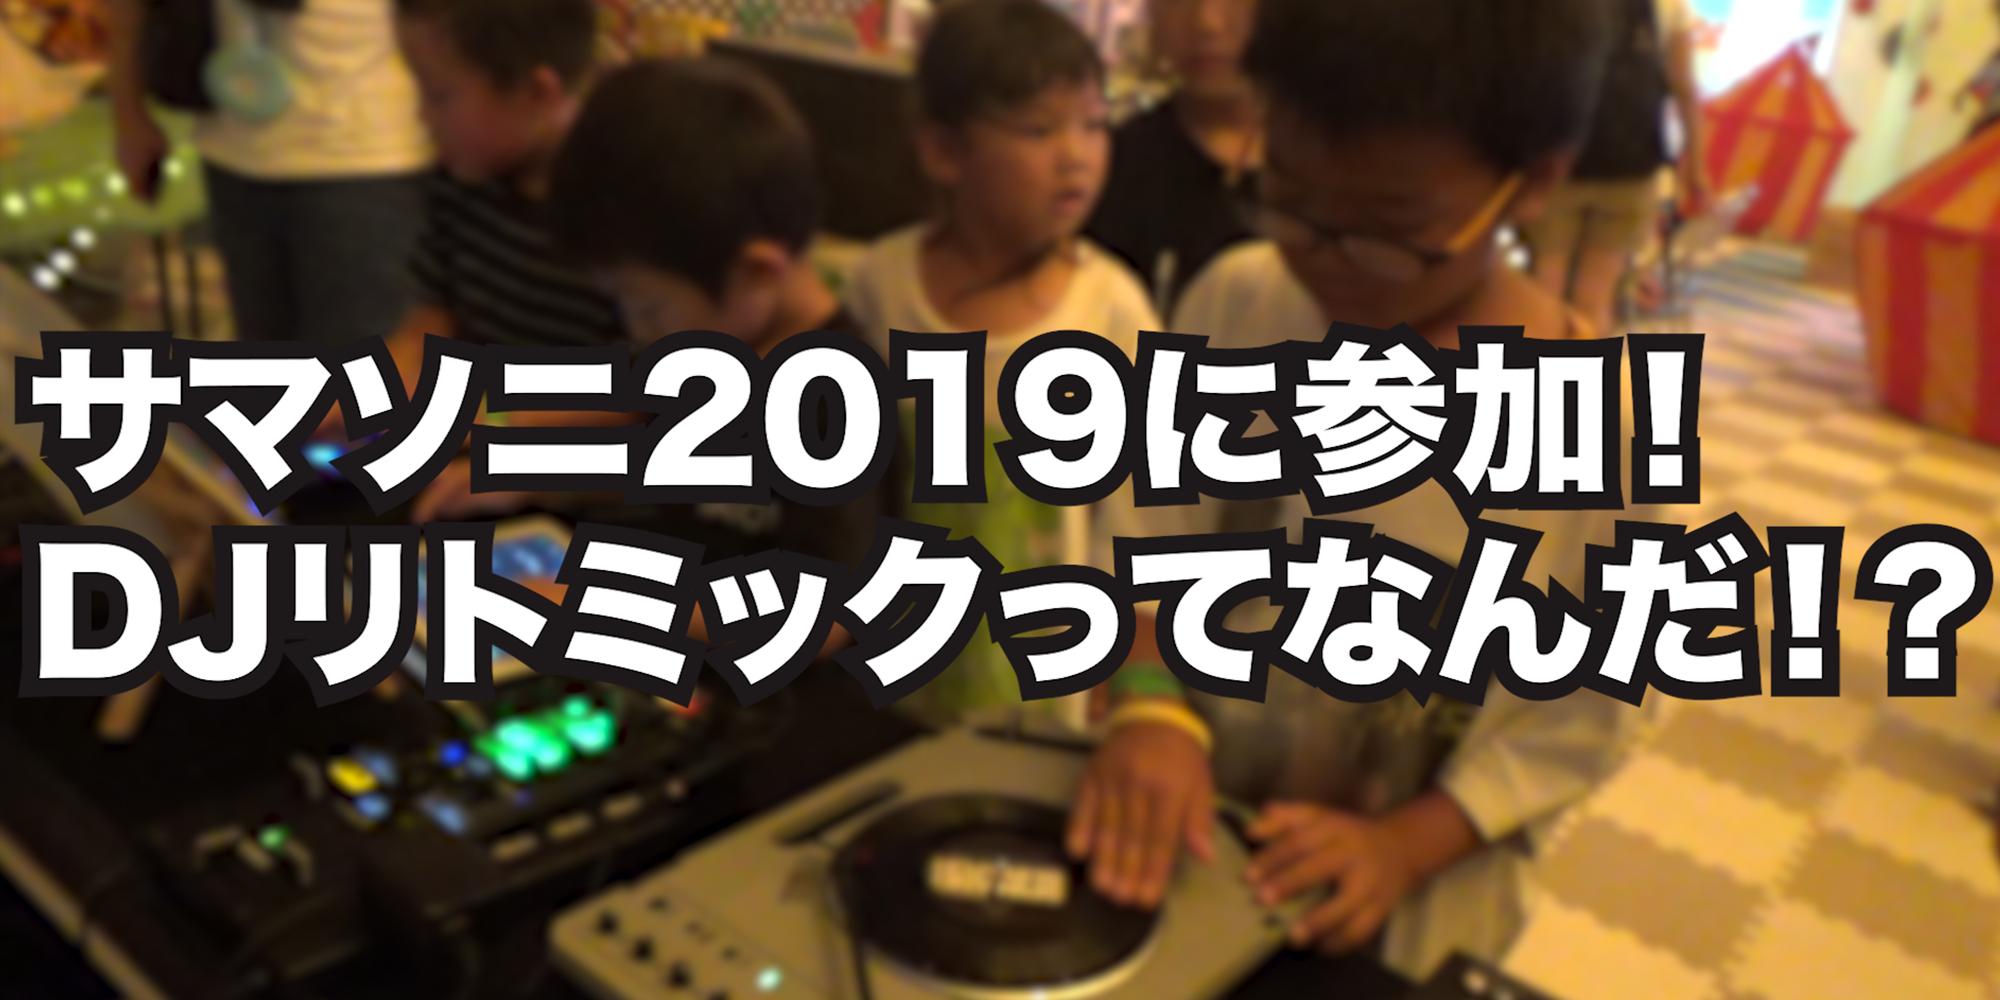 【DJ連載-121-】サマーソニック2019でDJリトミック!?